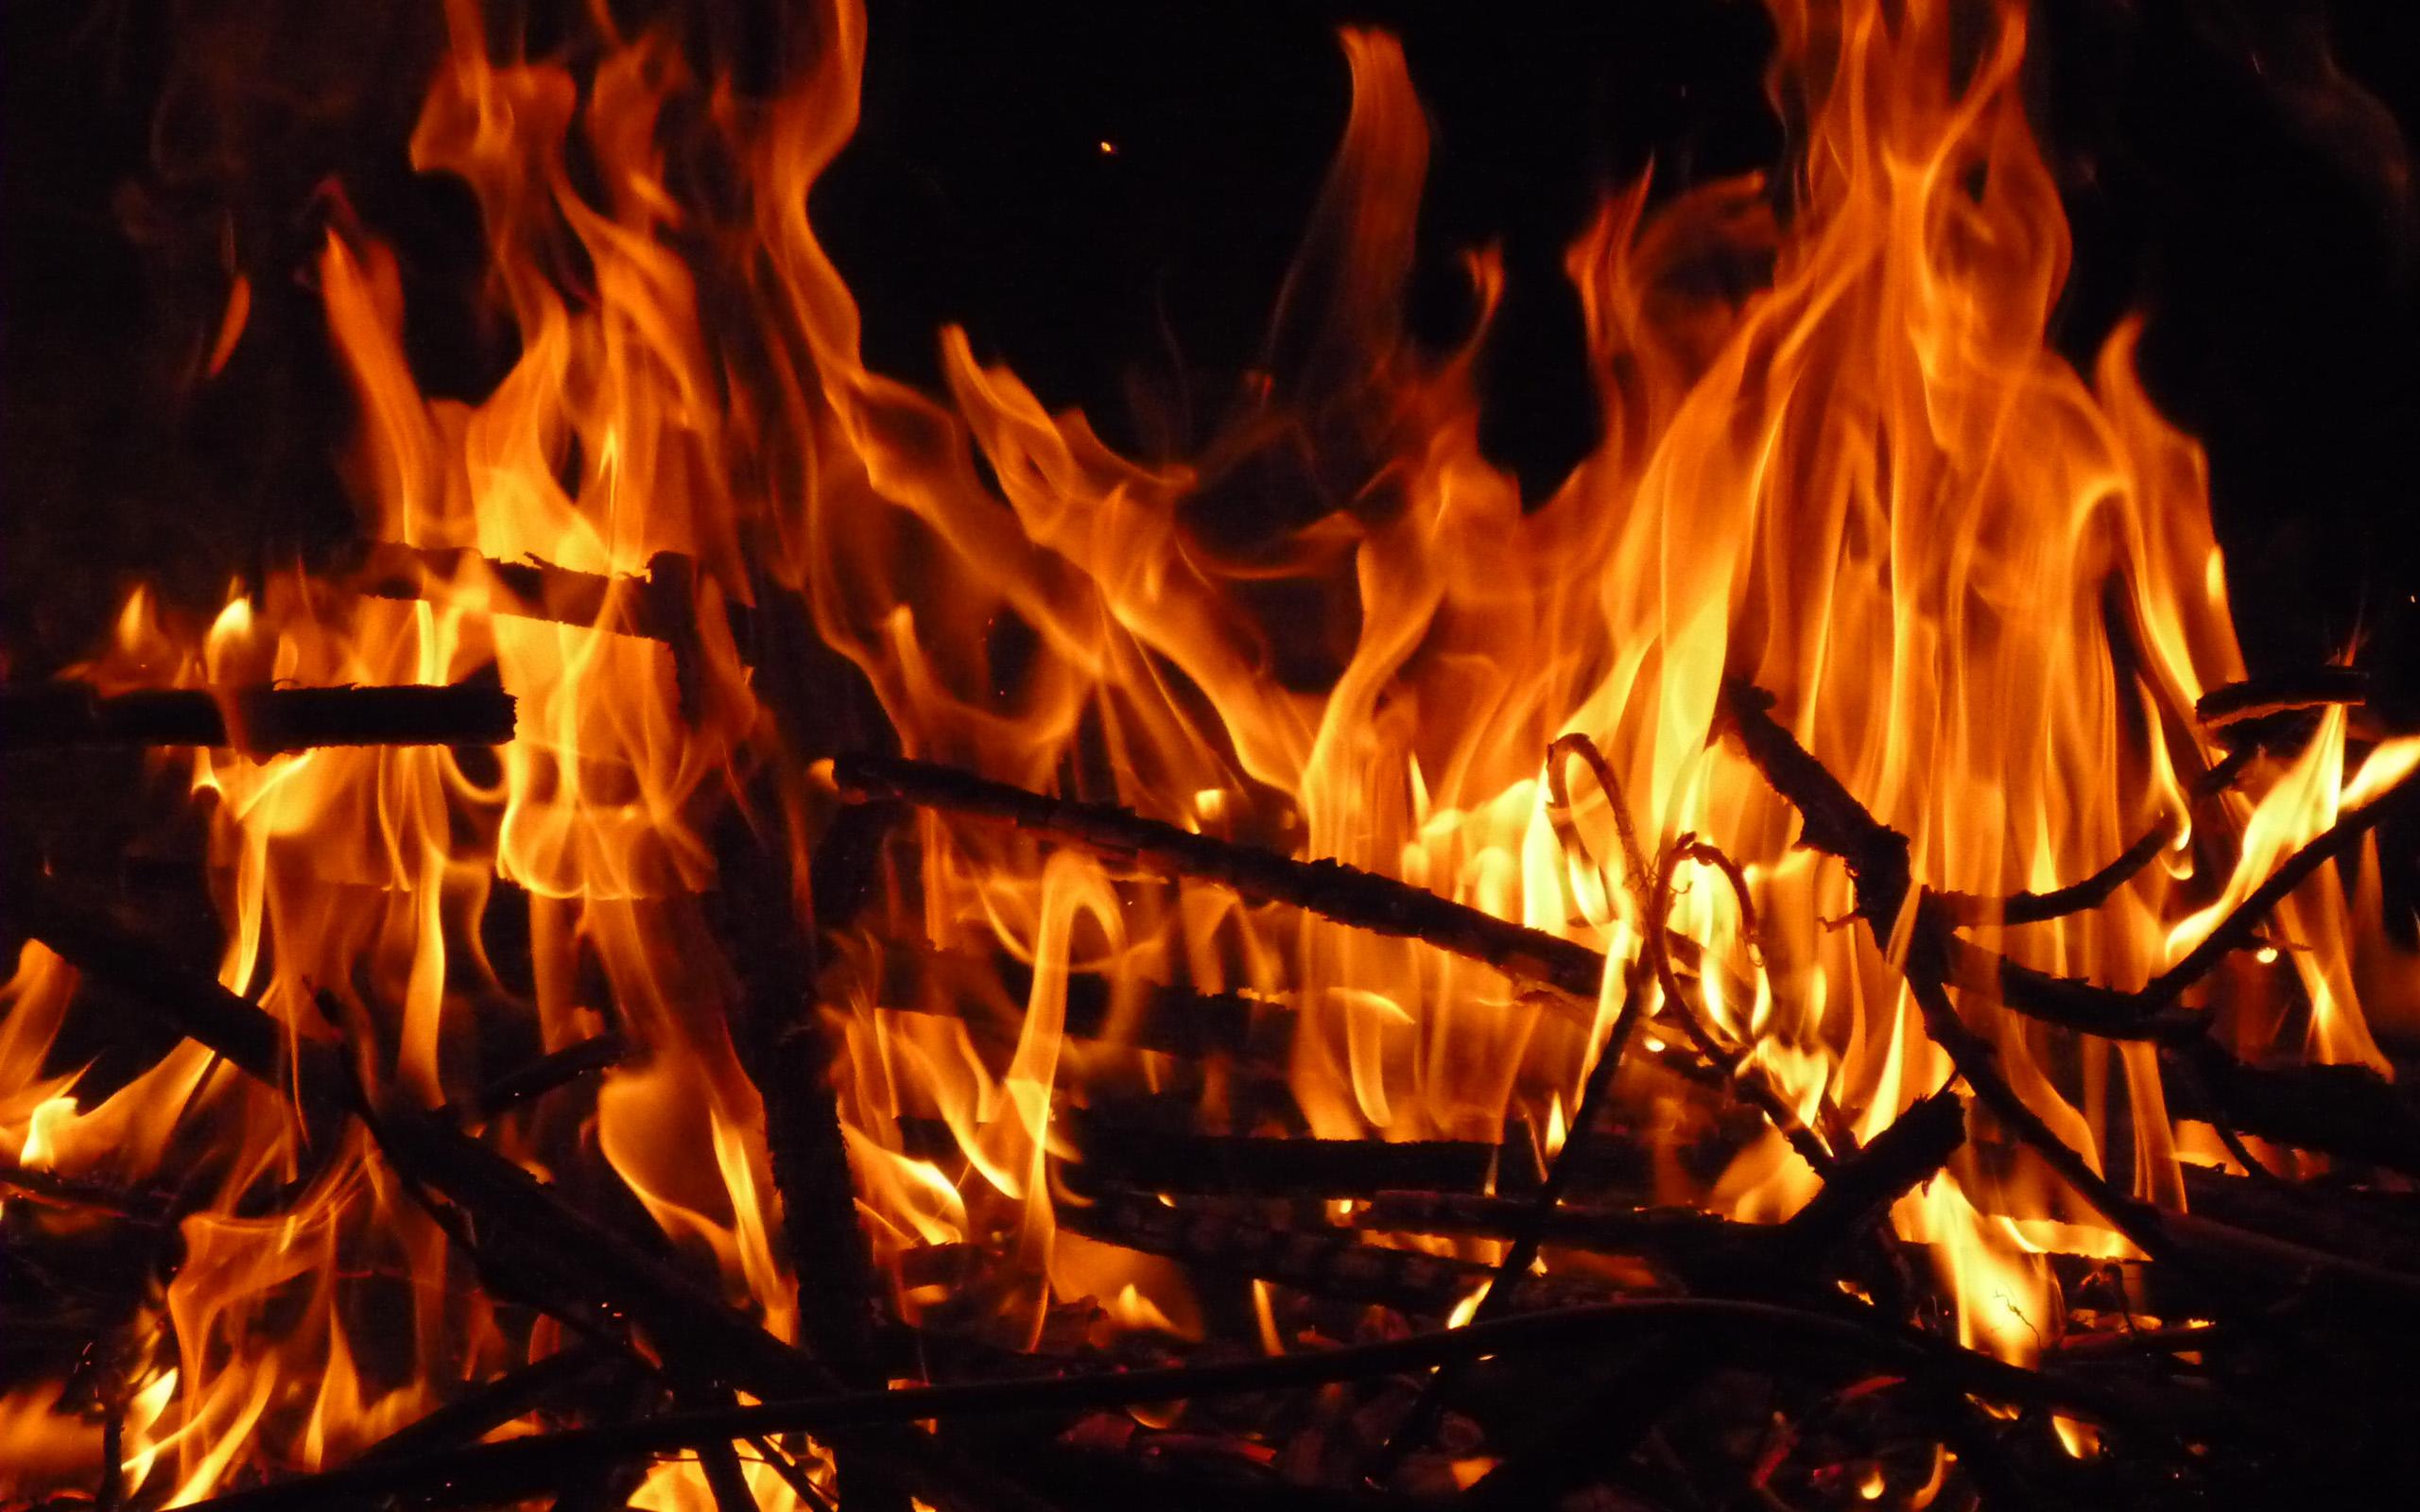 Feuer HD Wallpaper